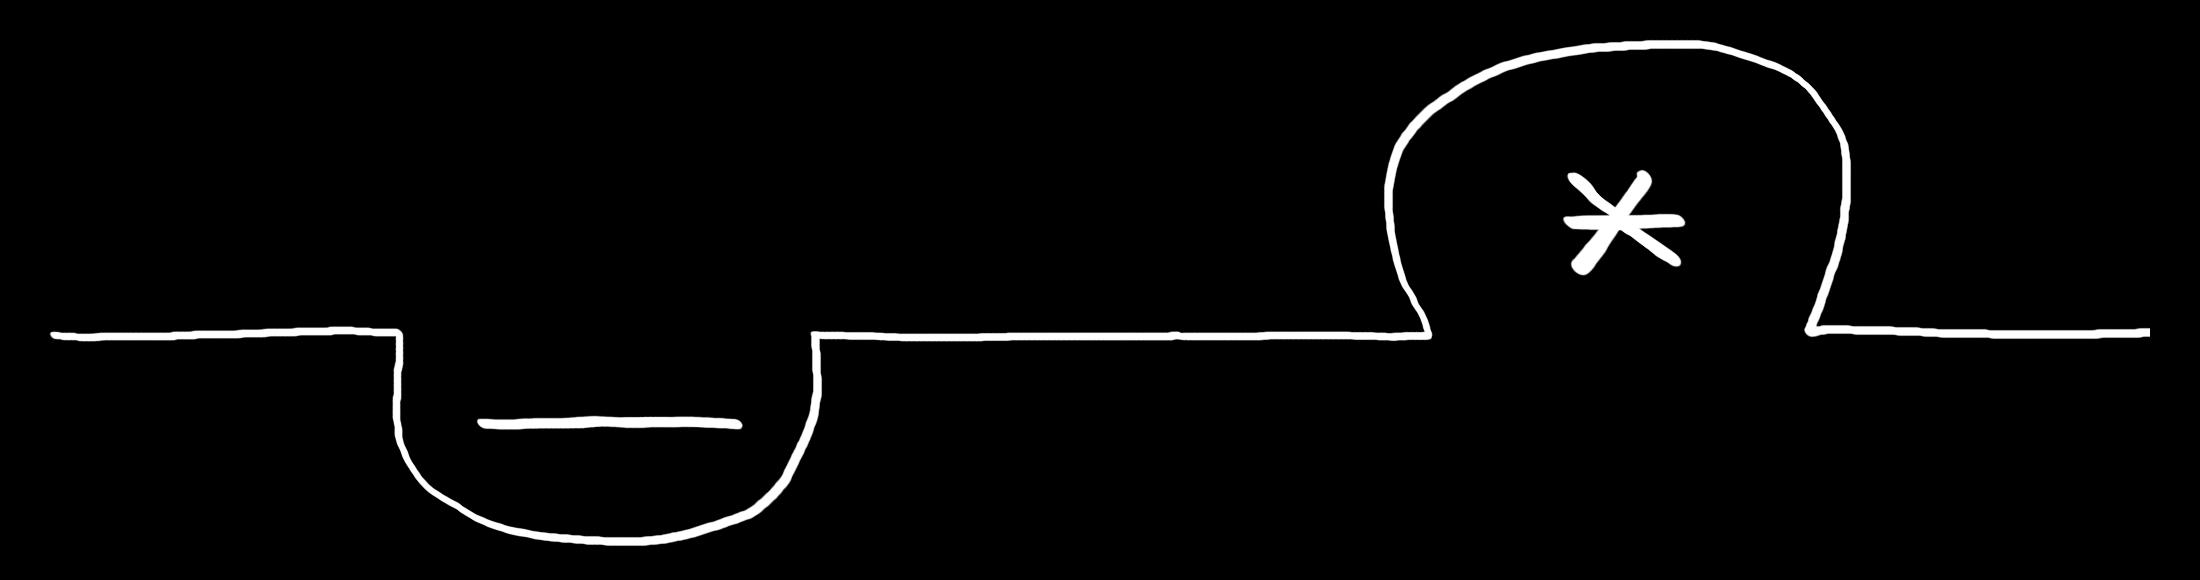 Digitale Zeichnung: eine waagerechter weisser Strich auf schwarzem Grund um geht einen Unterstrich nach unten herum und ein Sternchen nach oben herum.